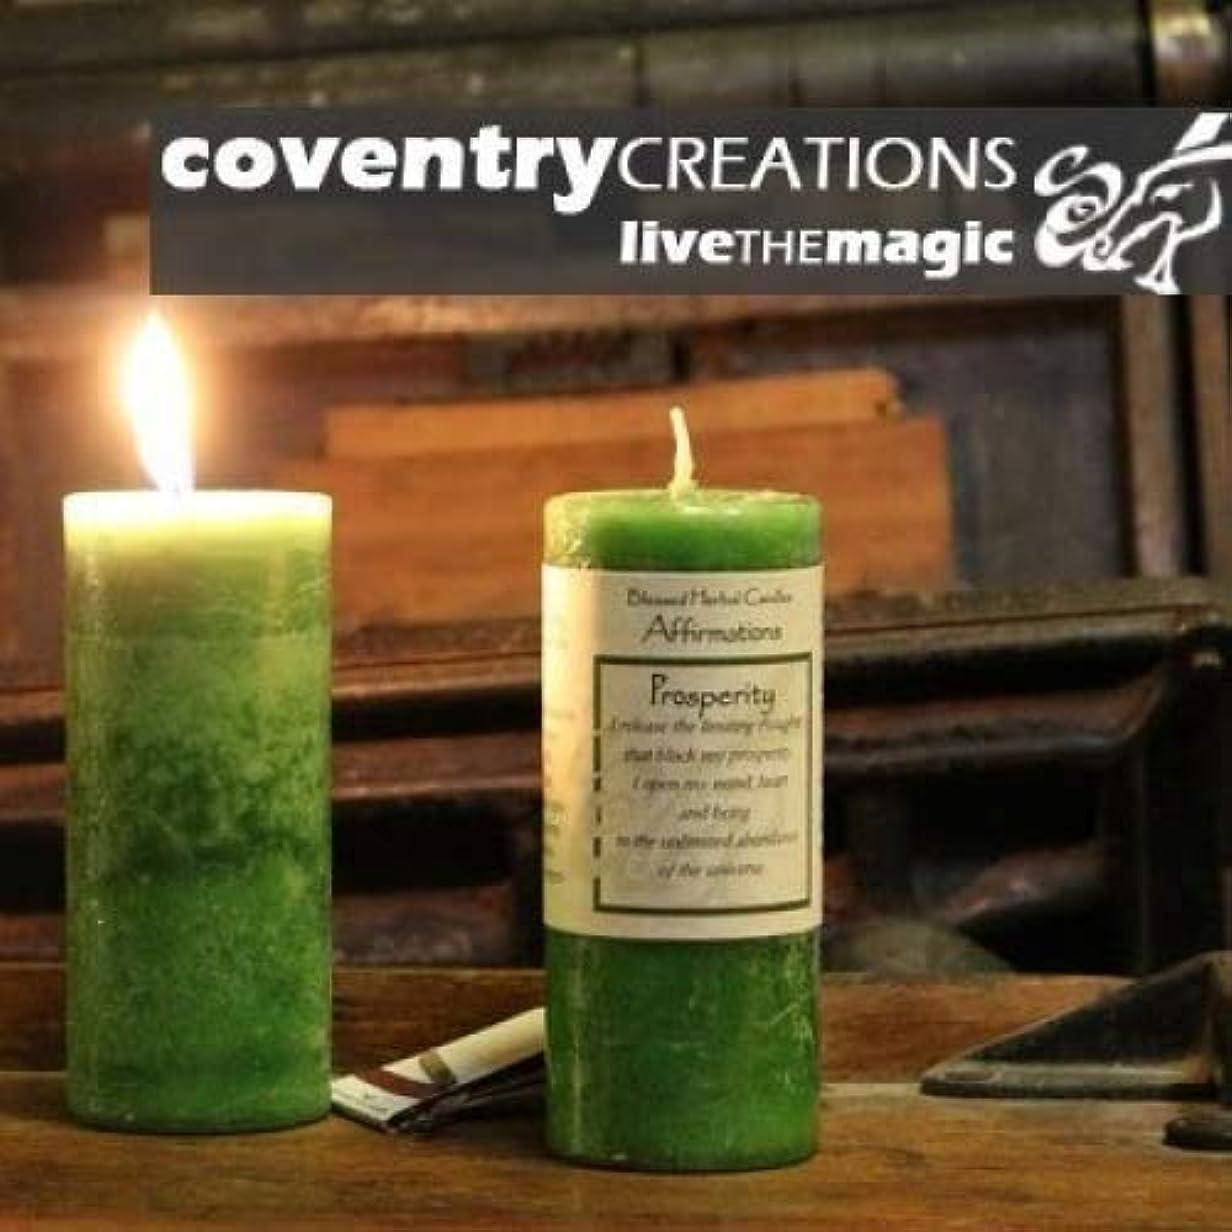 交差点漏れフラグラントAffirmations - Prosperity Candle by Coventry Creations